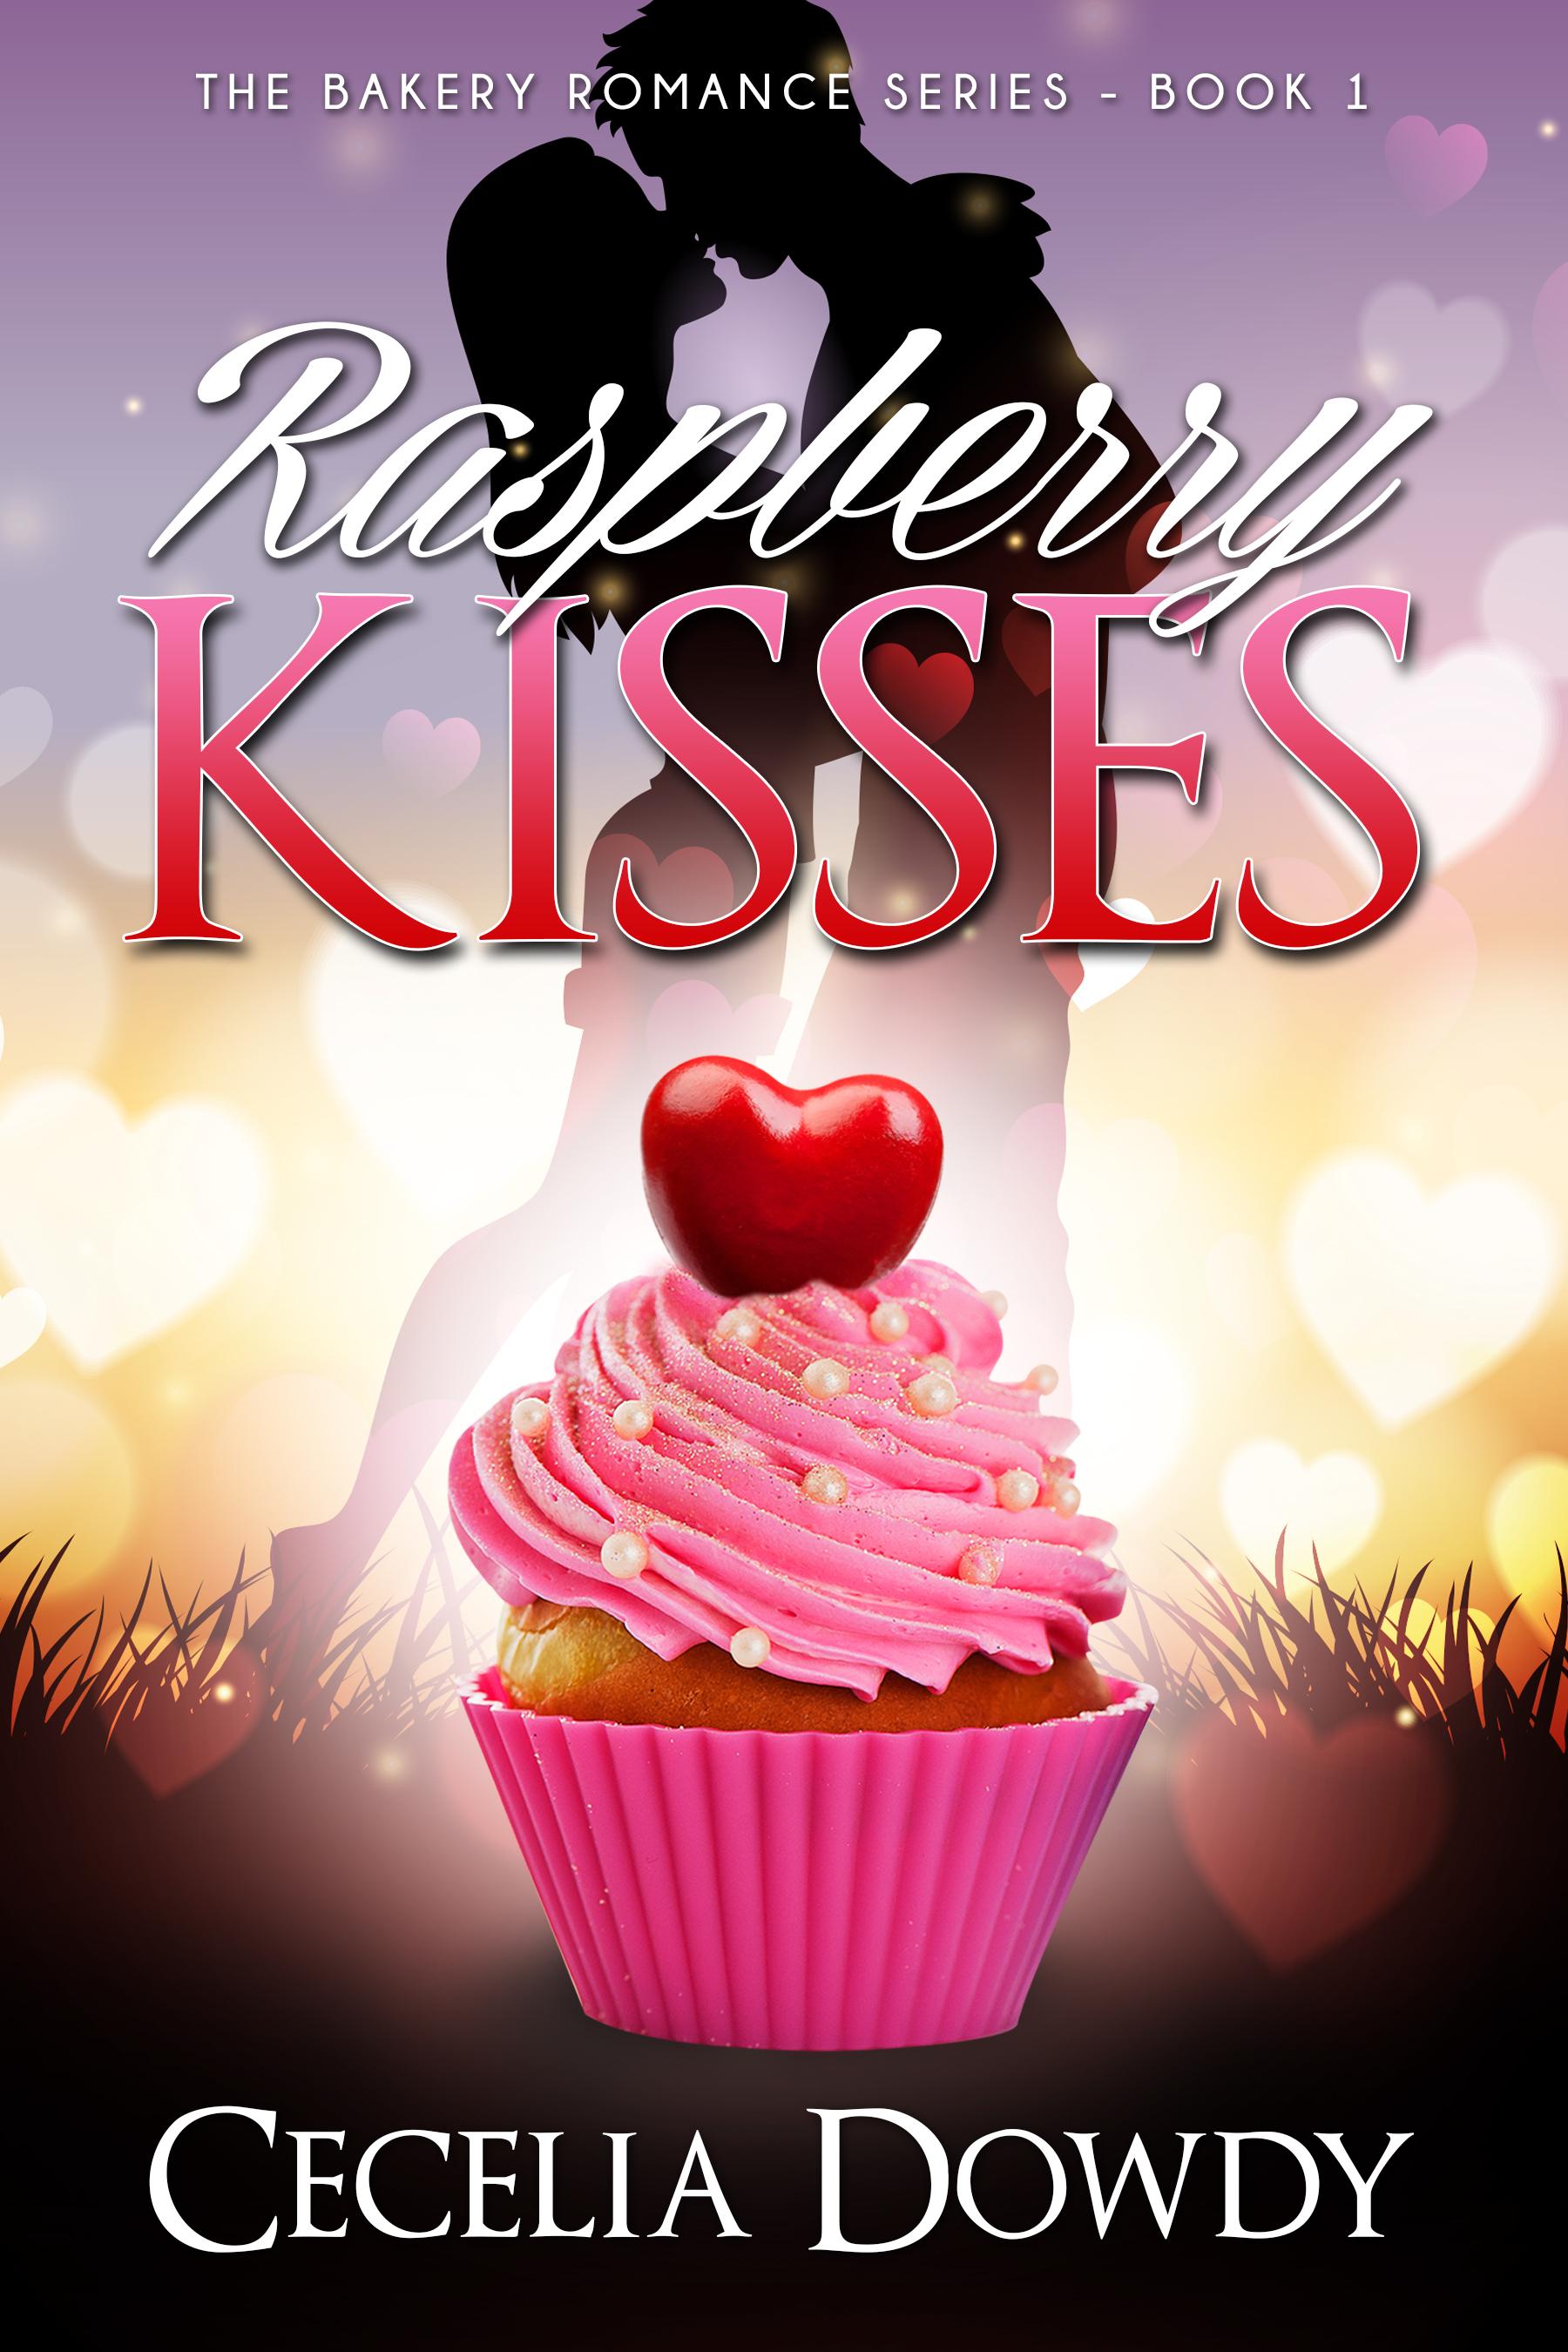 RaspberryKisses_v3